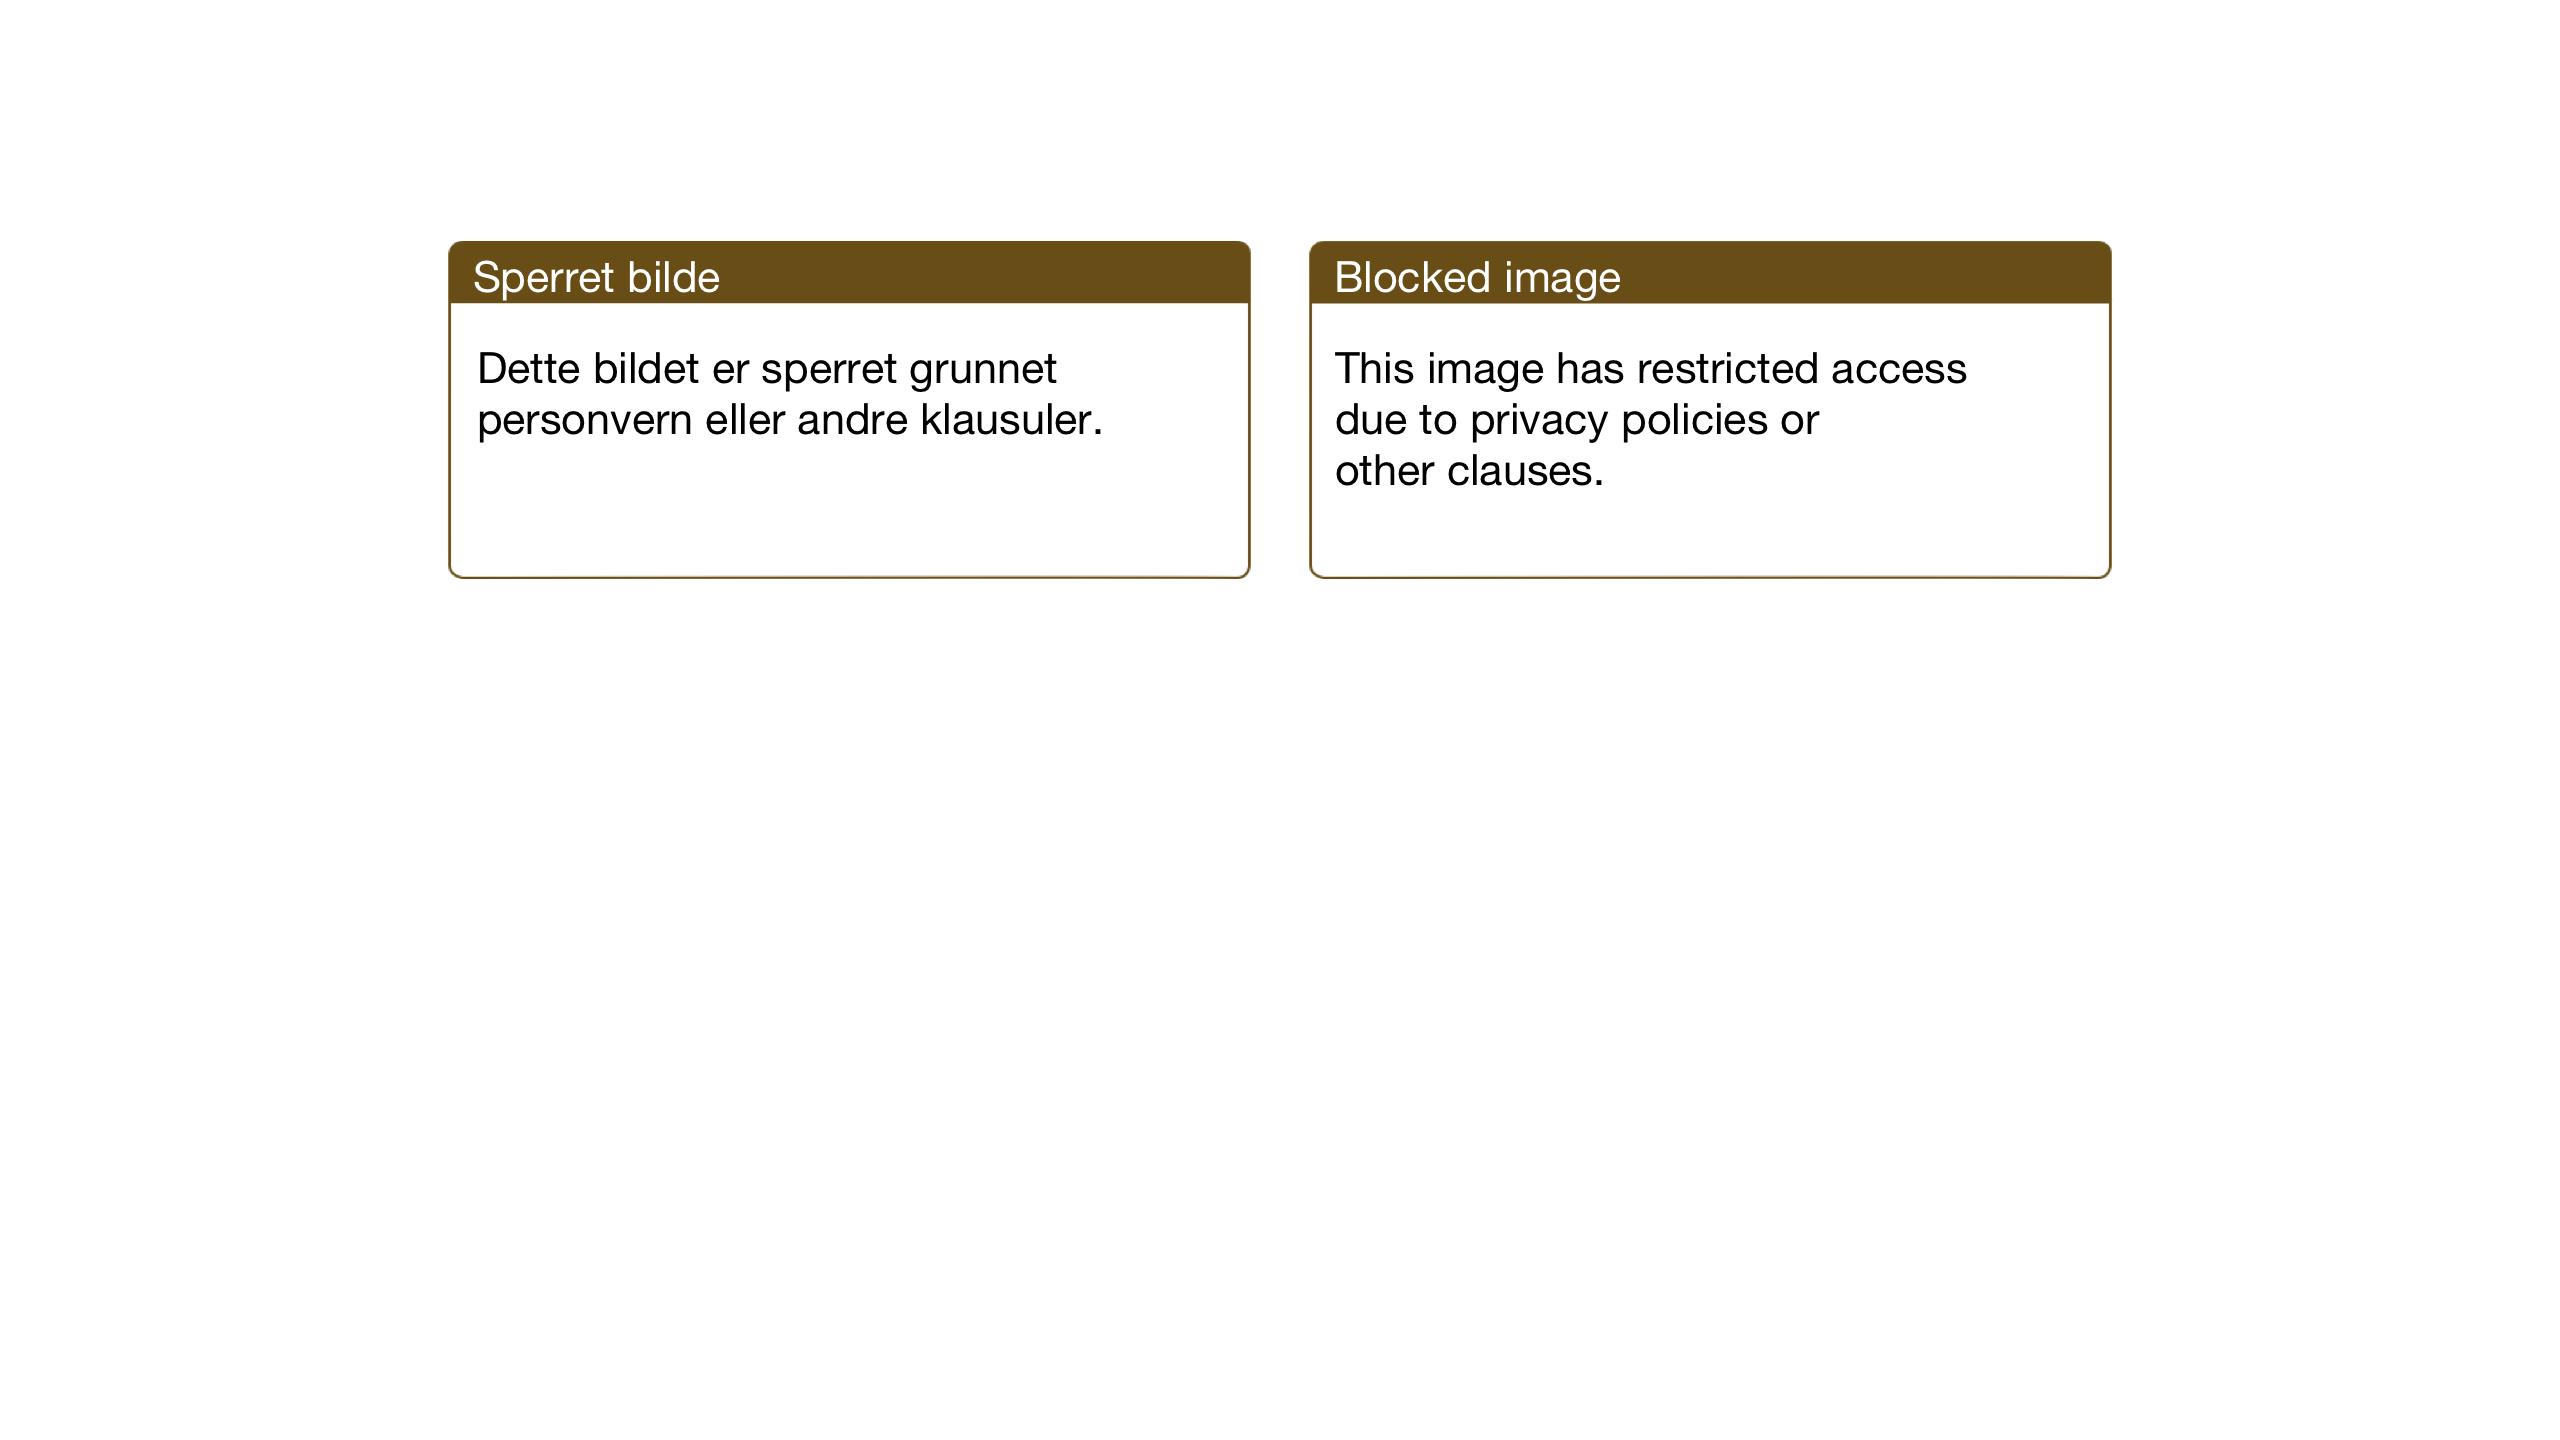 SAT, Ministerialprotokoller, klokkerbøker og fødselsregistre - Sør-Trøndelag, 670/L0837: Klokkerbok nr. 670C01, 1905-1946, s. 170-171